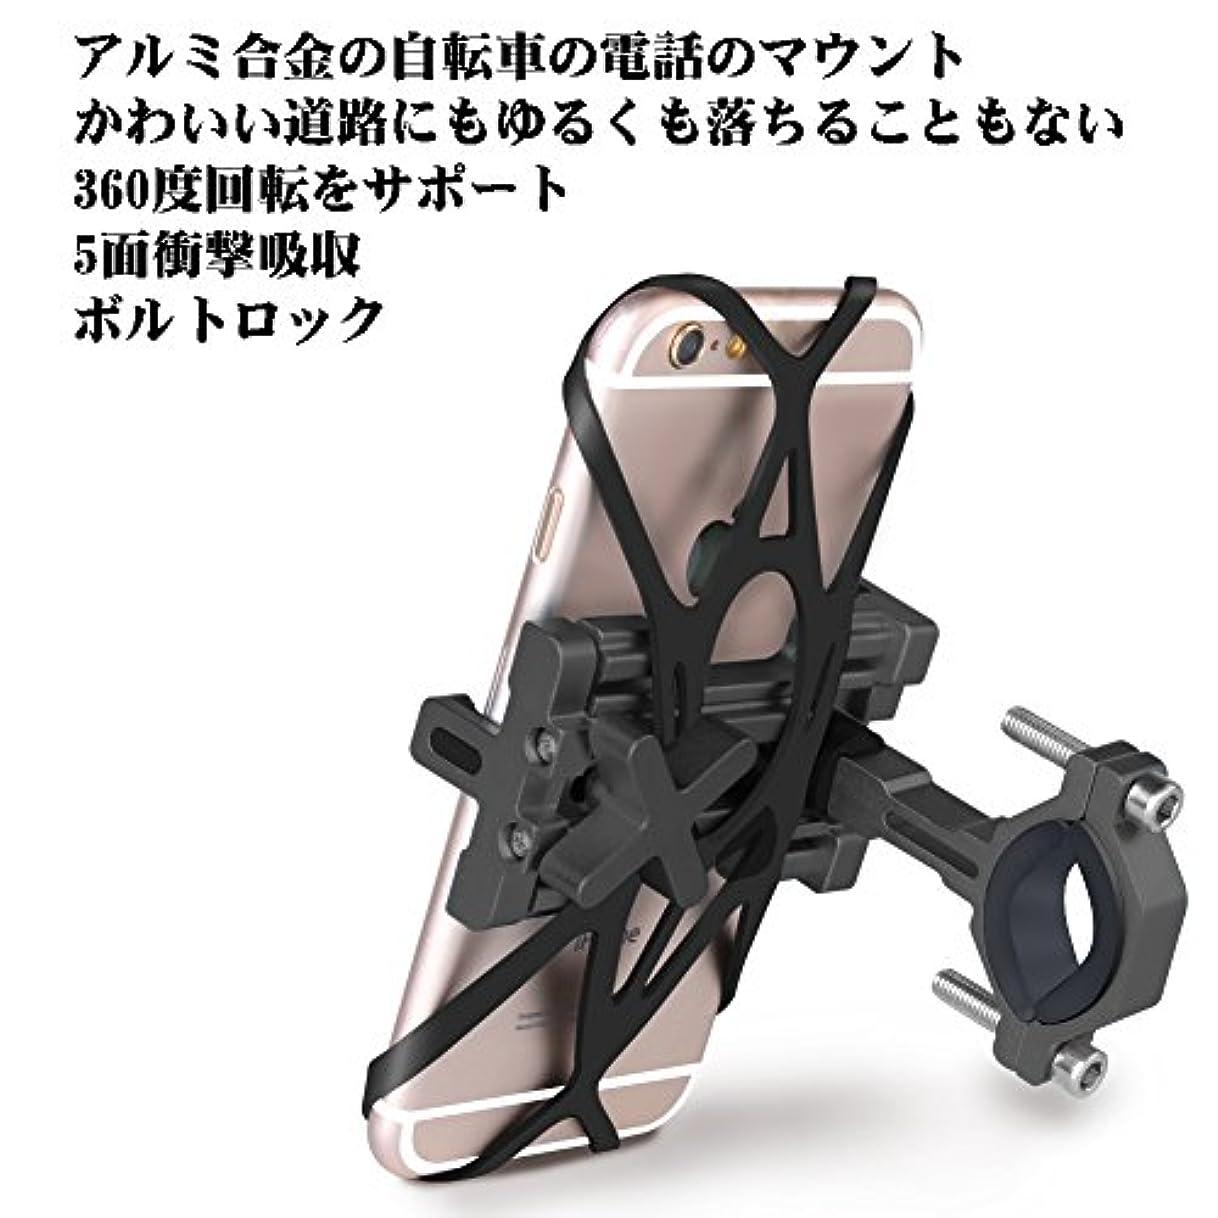 政権摂氏見通しSpoLite付き高級スマホホルダー,自転車 スマホ ホルダー,調節可能, バイク スマホ ホルダー 適用iPhone X,8 | 8 Plus,7 | 7 Plus,iPhone 6s | 6s Plus,Galaxy S7,S6,S5等